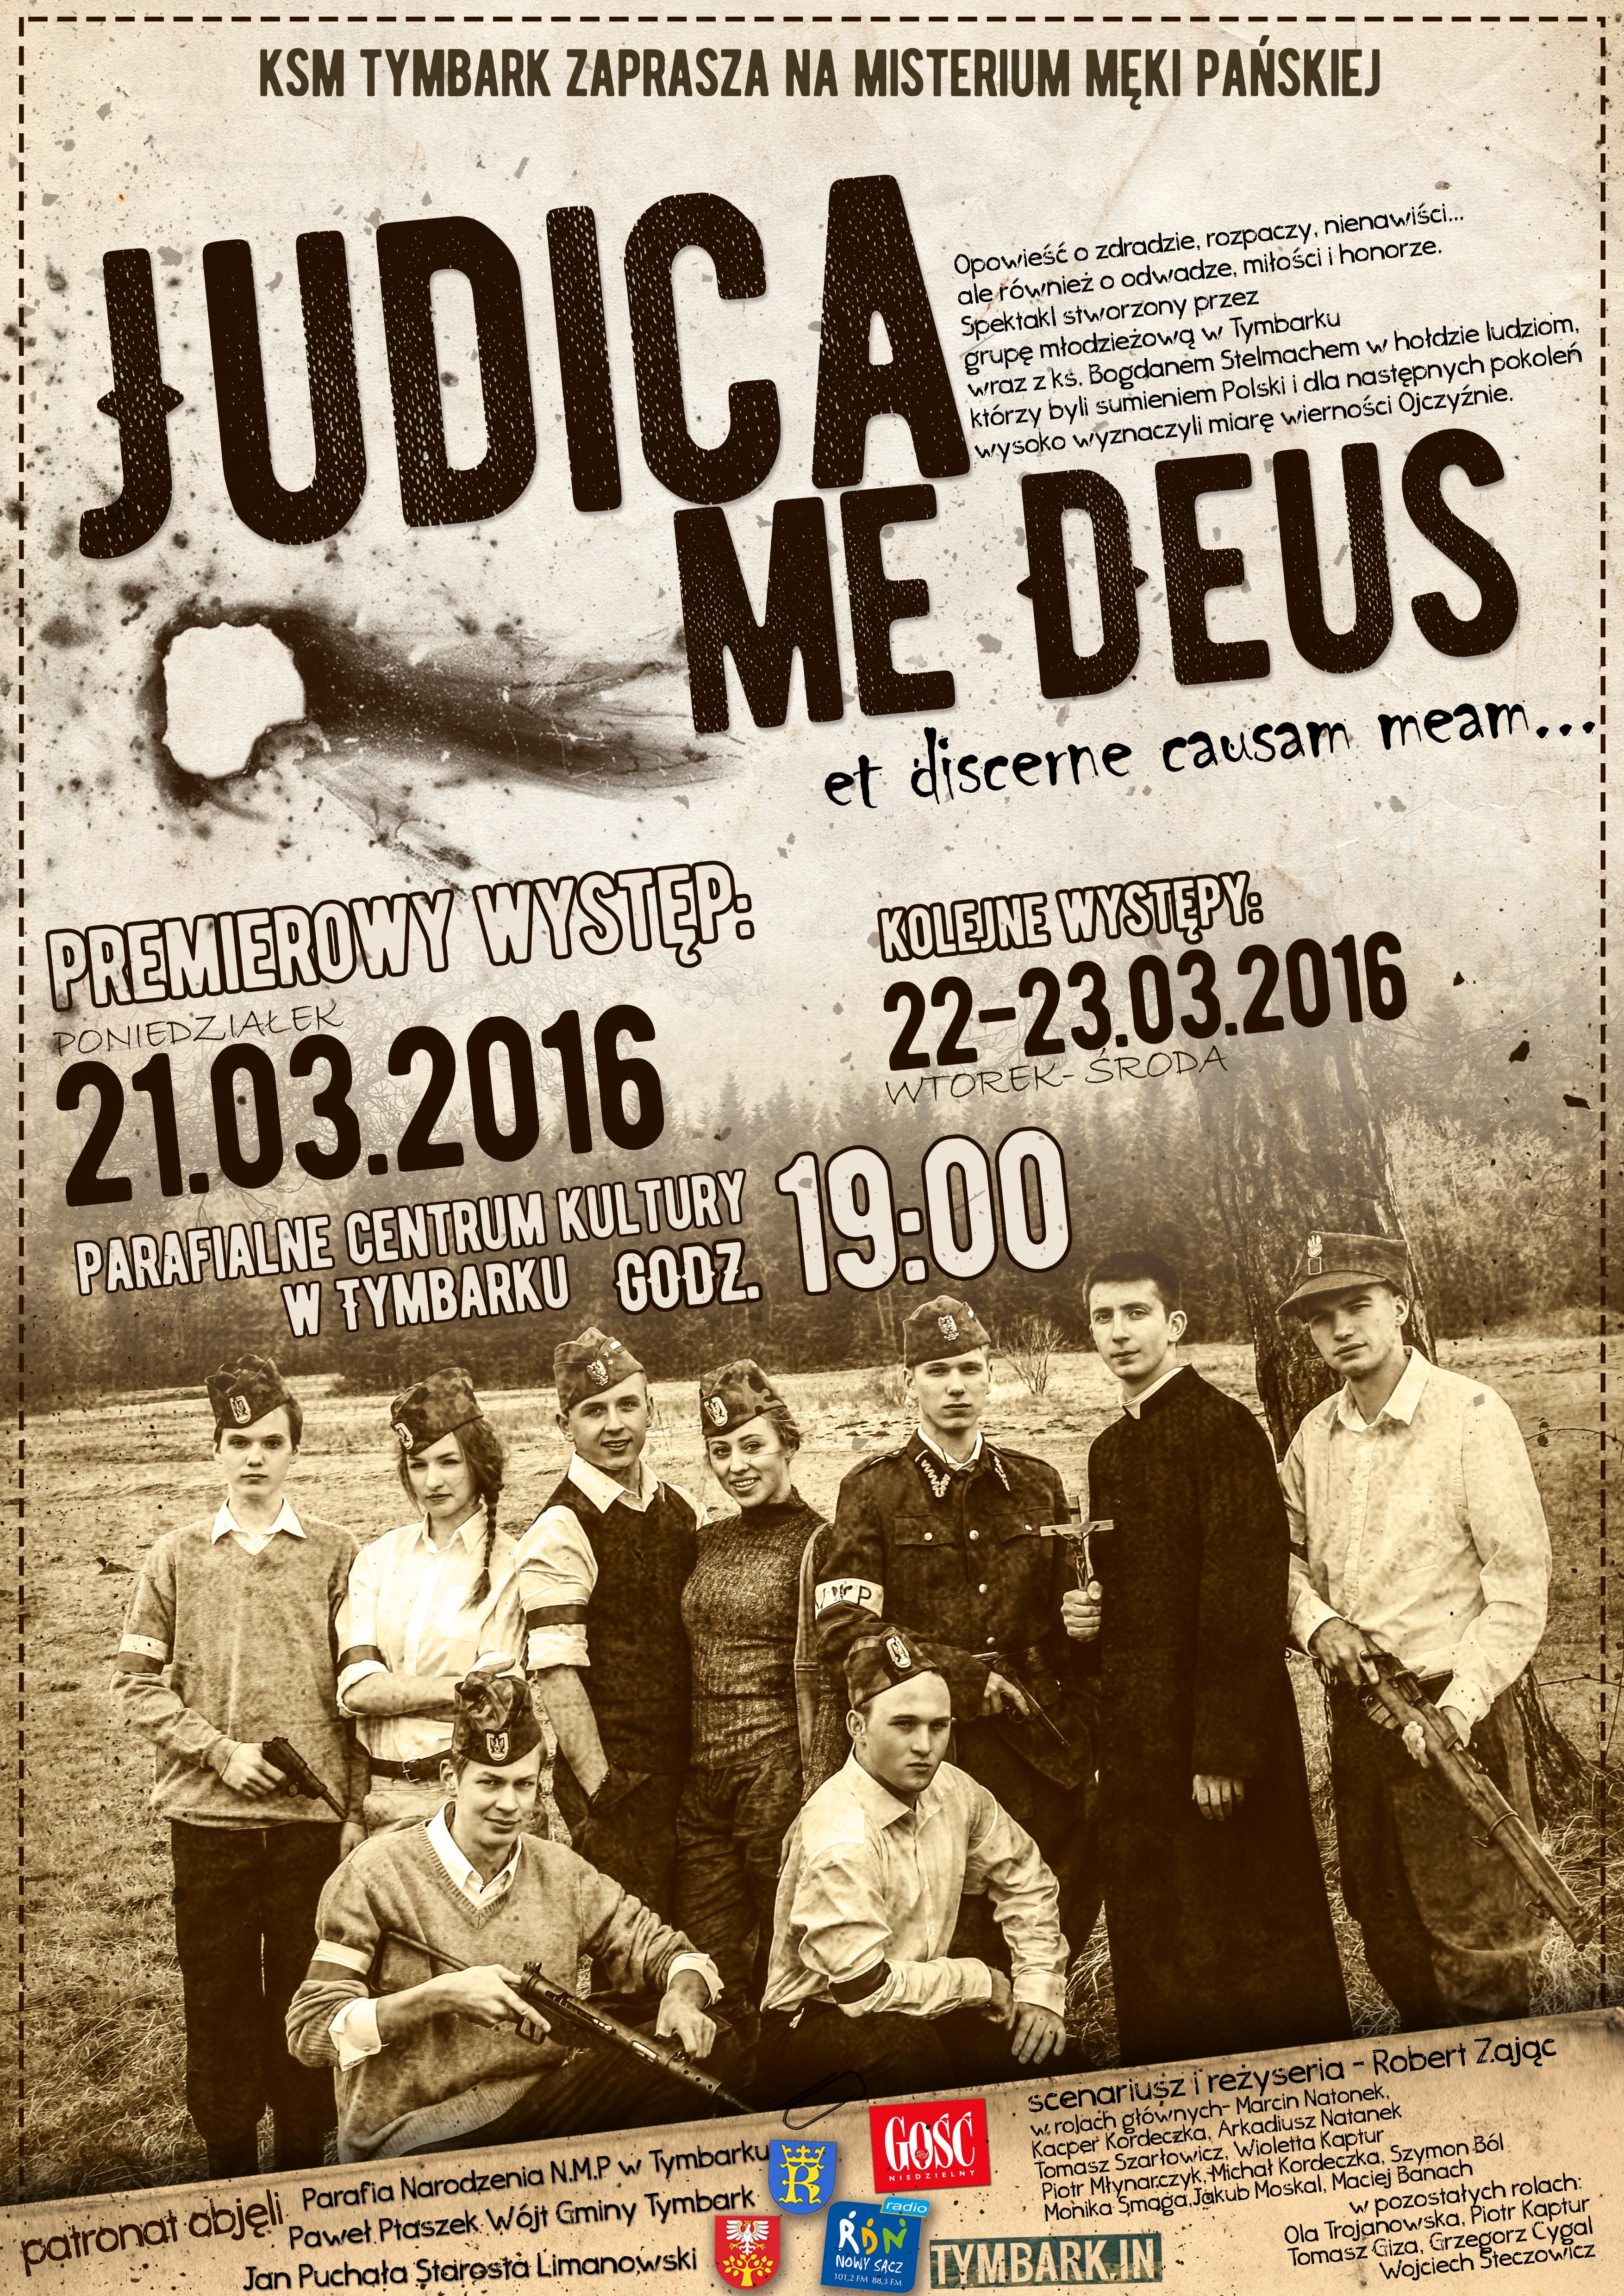 plakat_misterium2016_judica